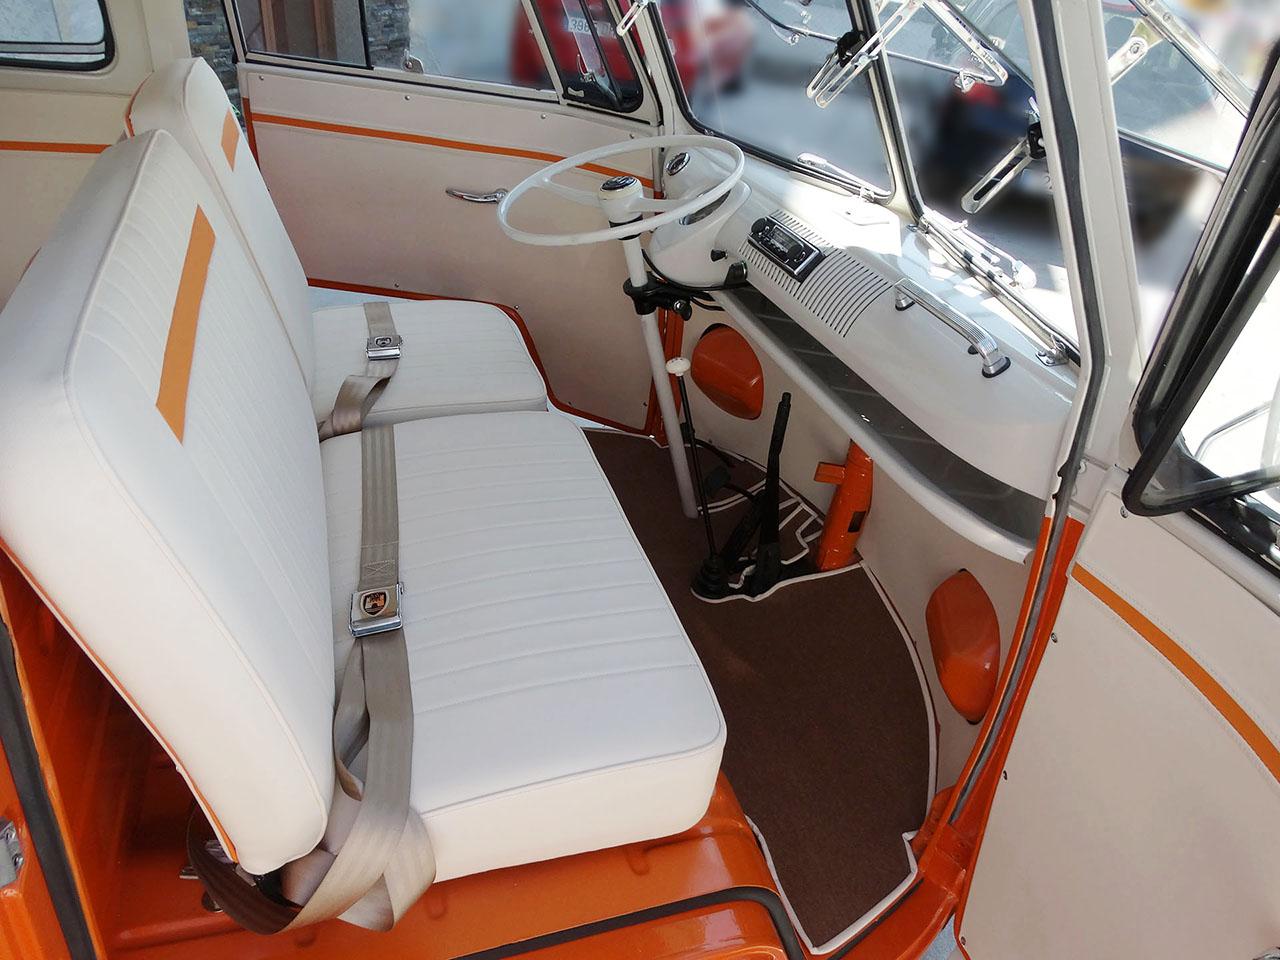 hochzeitsauto und eventbulli f r m nster und umgebung kultbulli vw t1. Black Bedroom Furniture Sets. Home Design Ideas